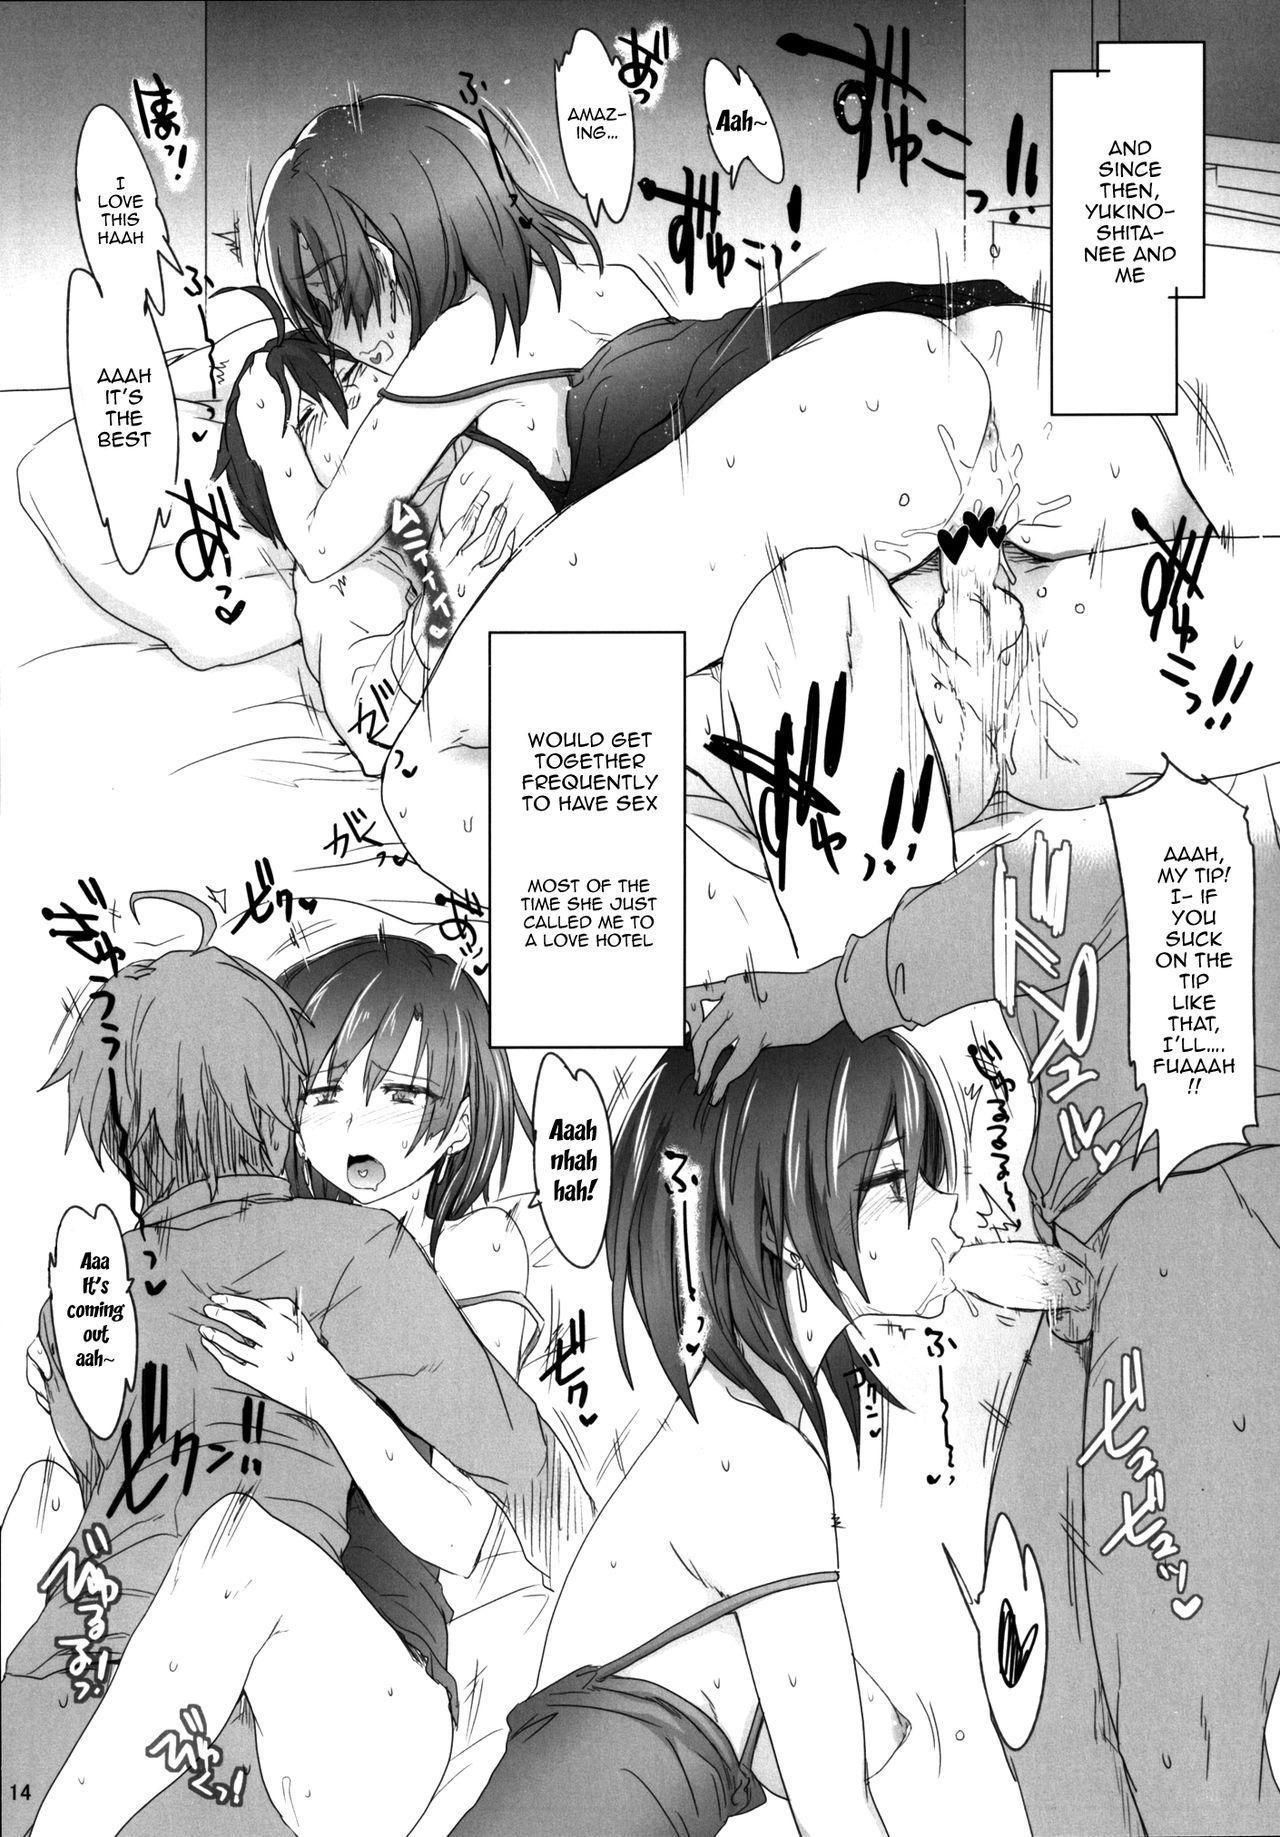 Houshi-bu no Seiteki na Katsudou no Seika.   The Sexual Activities Of The Volunteer Club 12